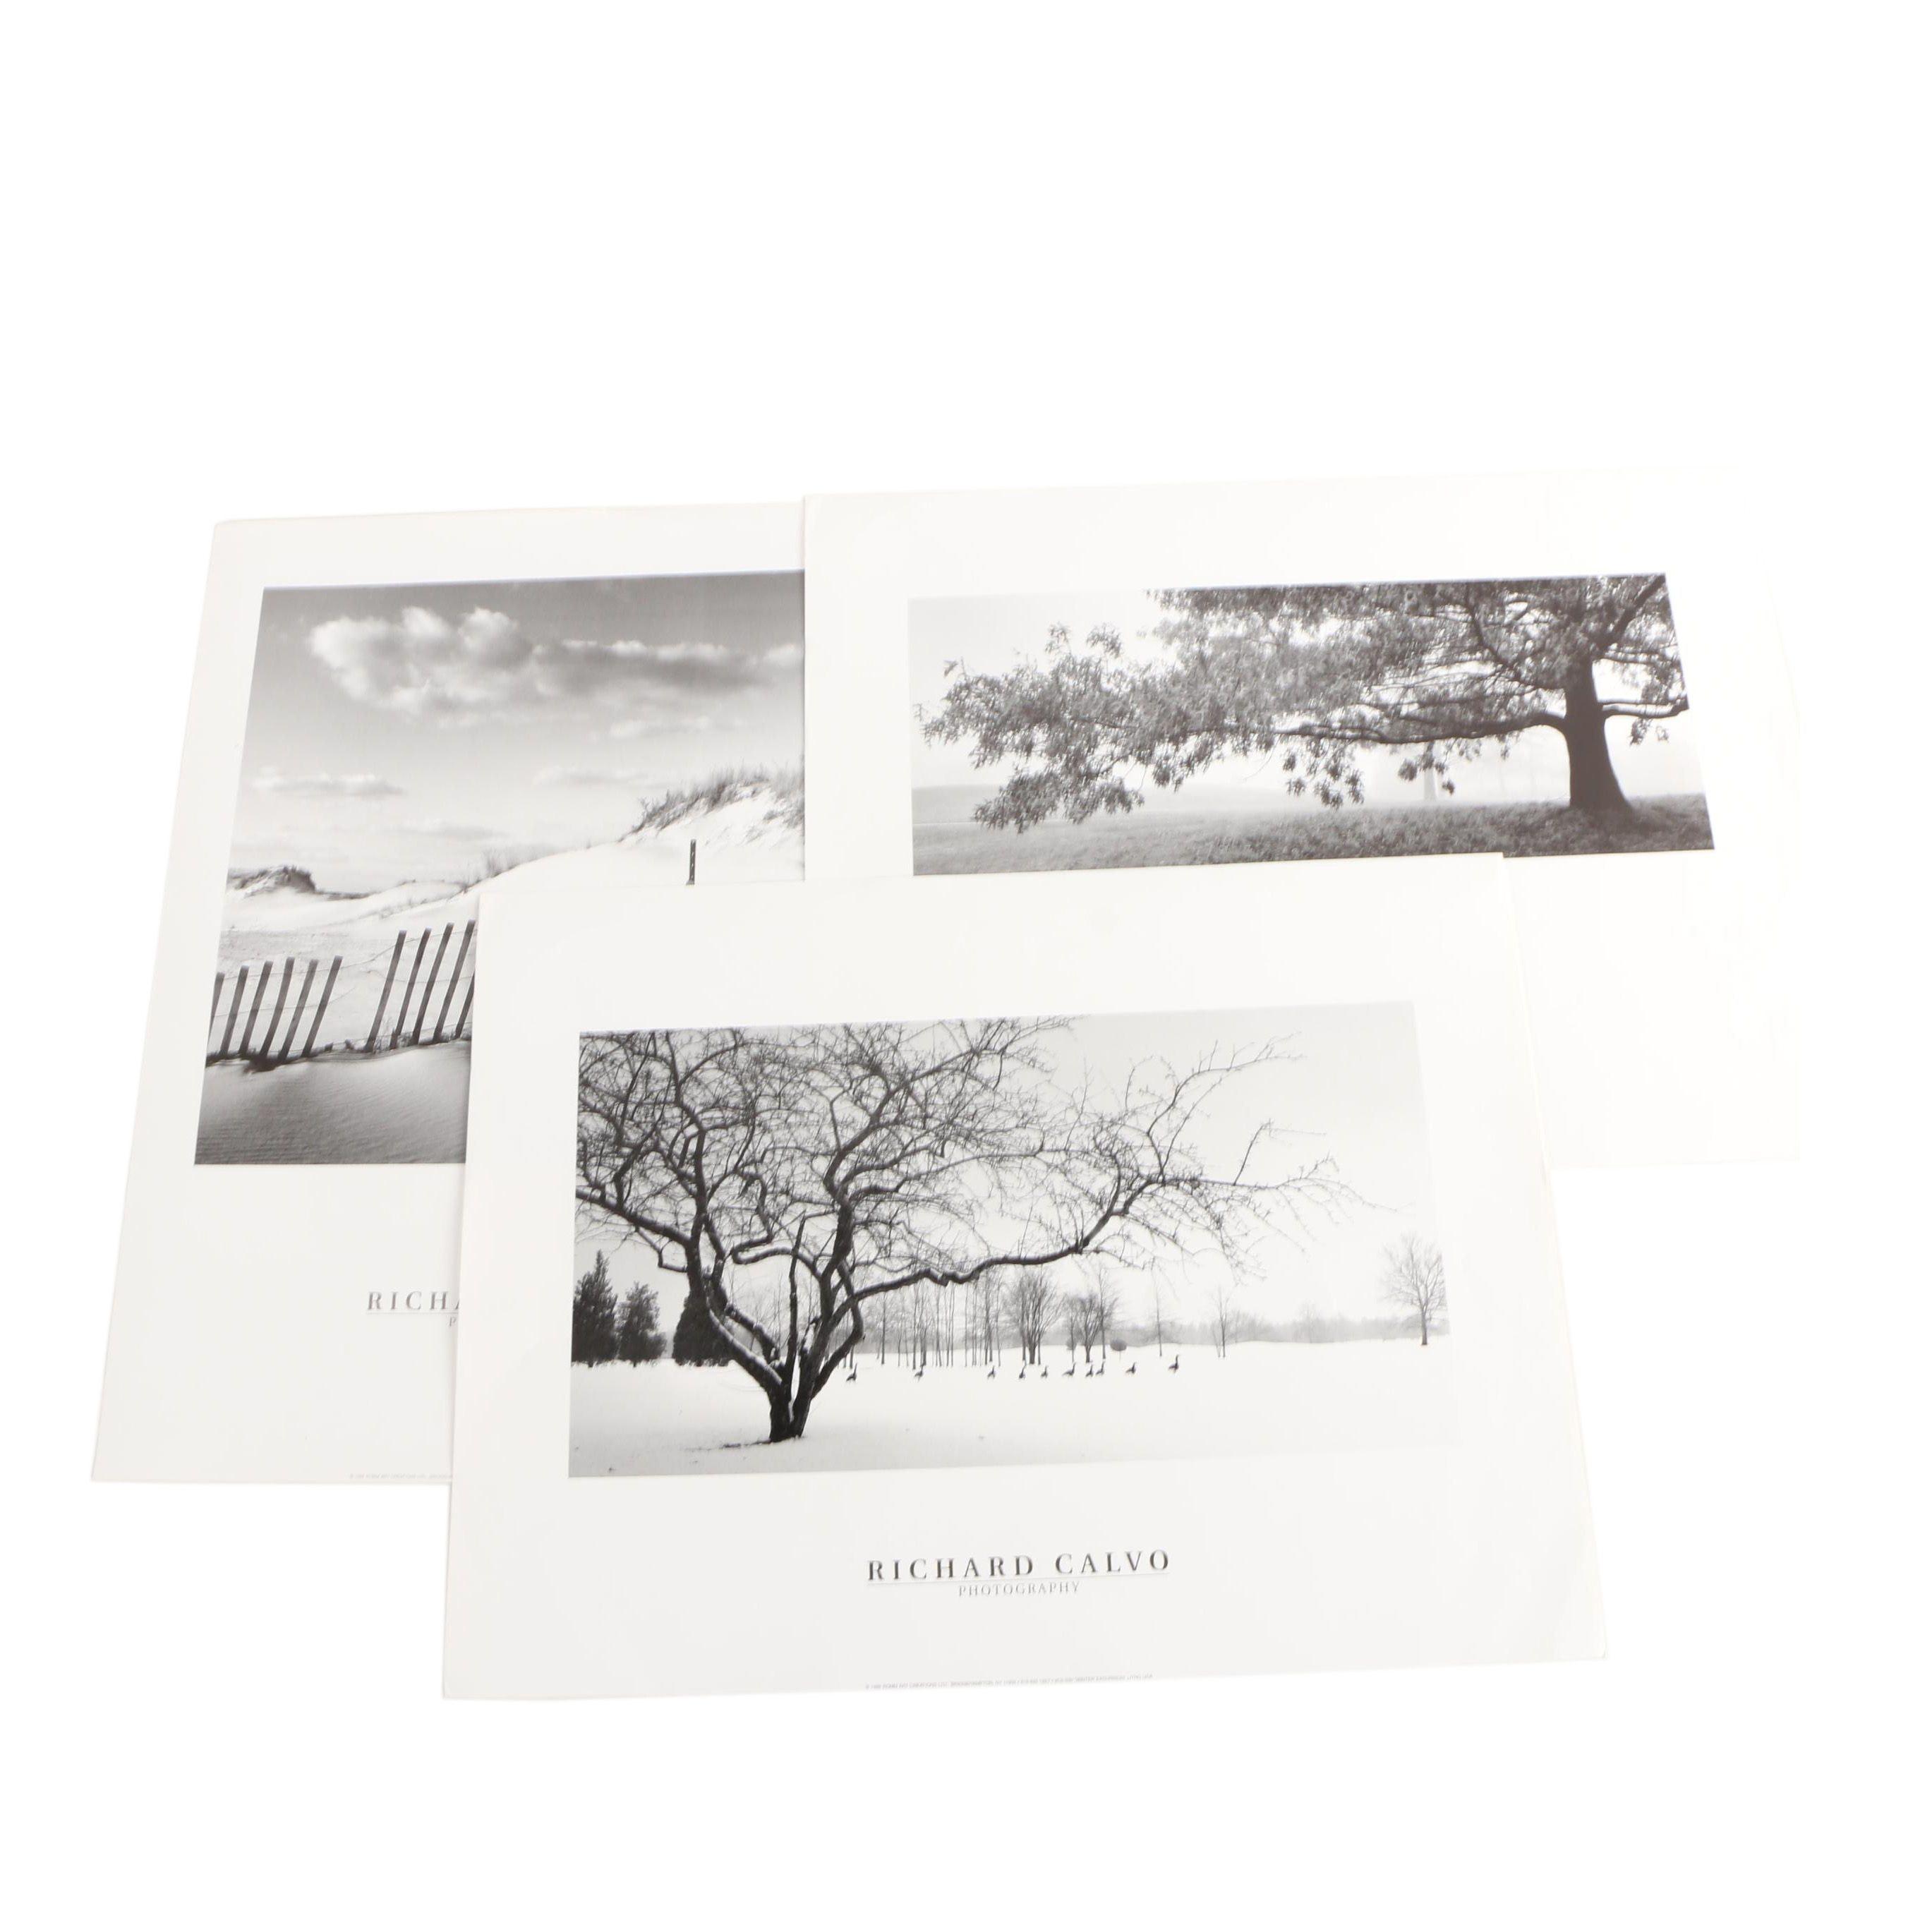 Offset Lithographs After Richard Calvo Photographs